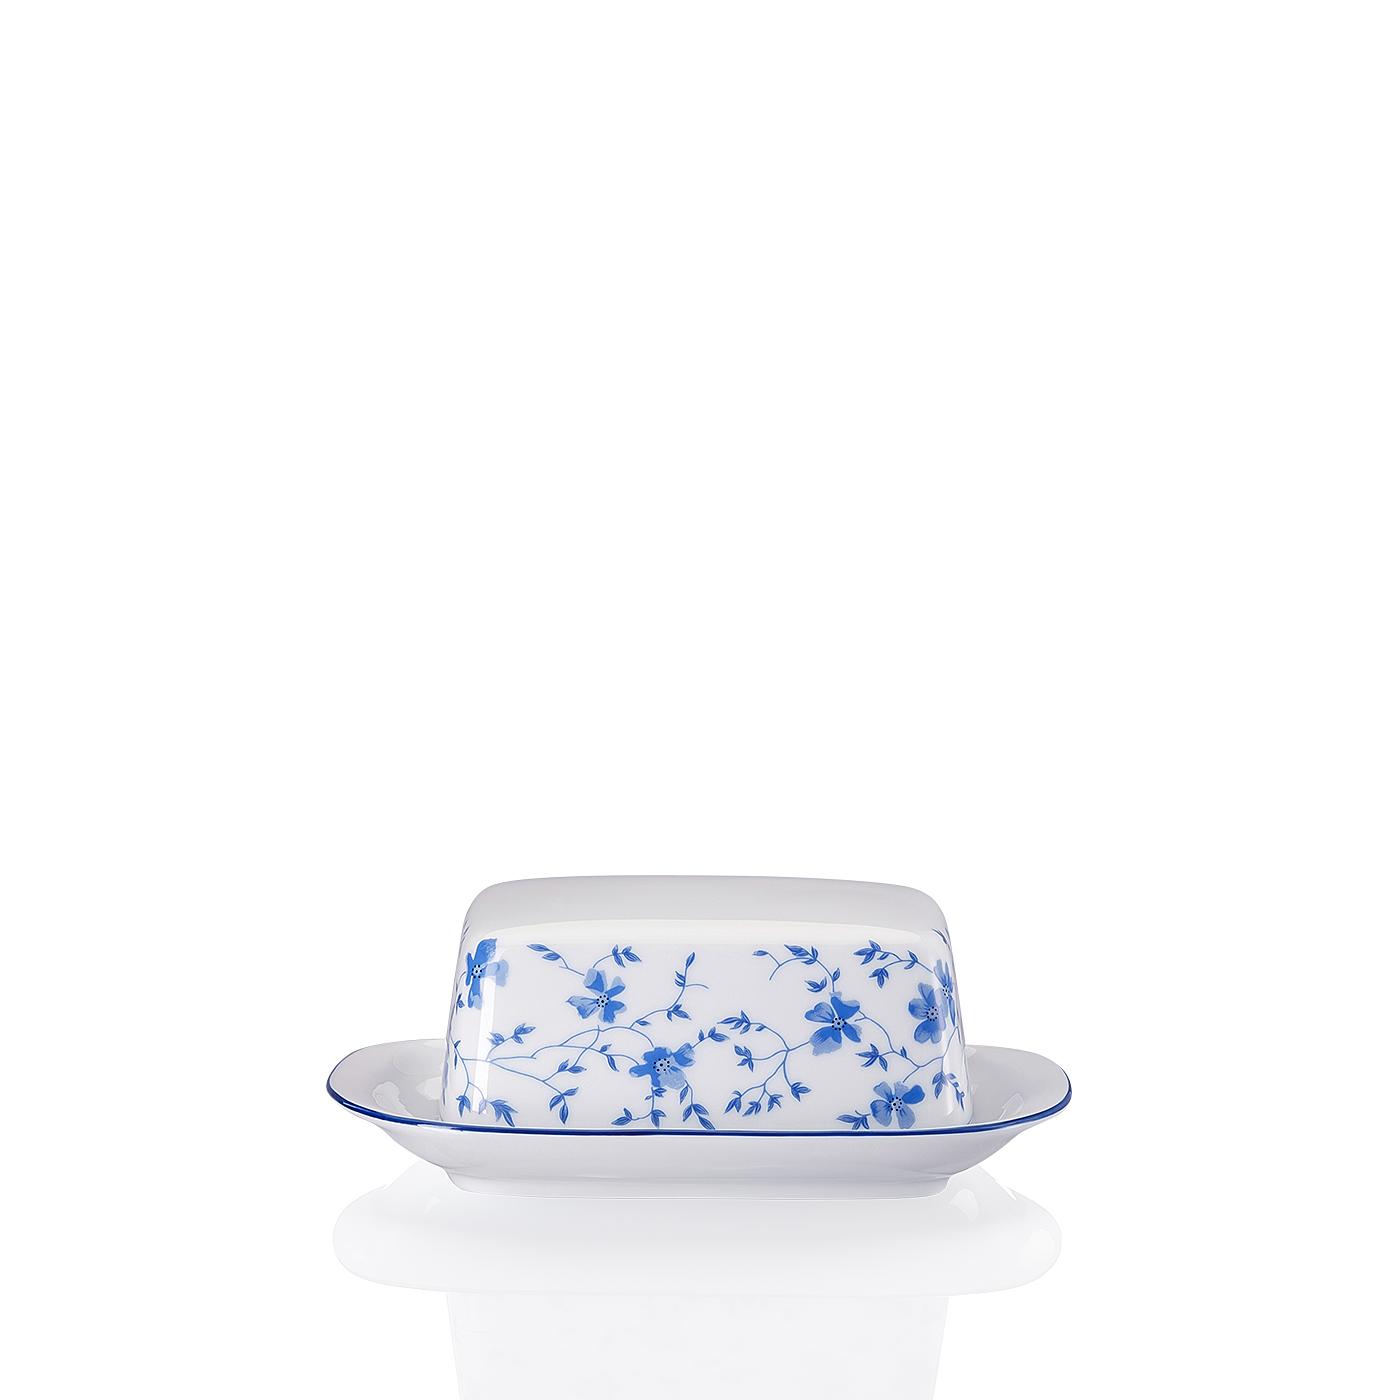 Butterdose klein Form 1382 Blaublüten Arzberg